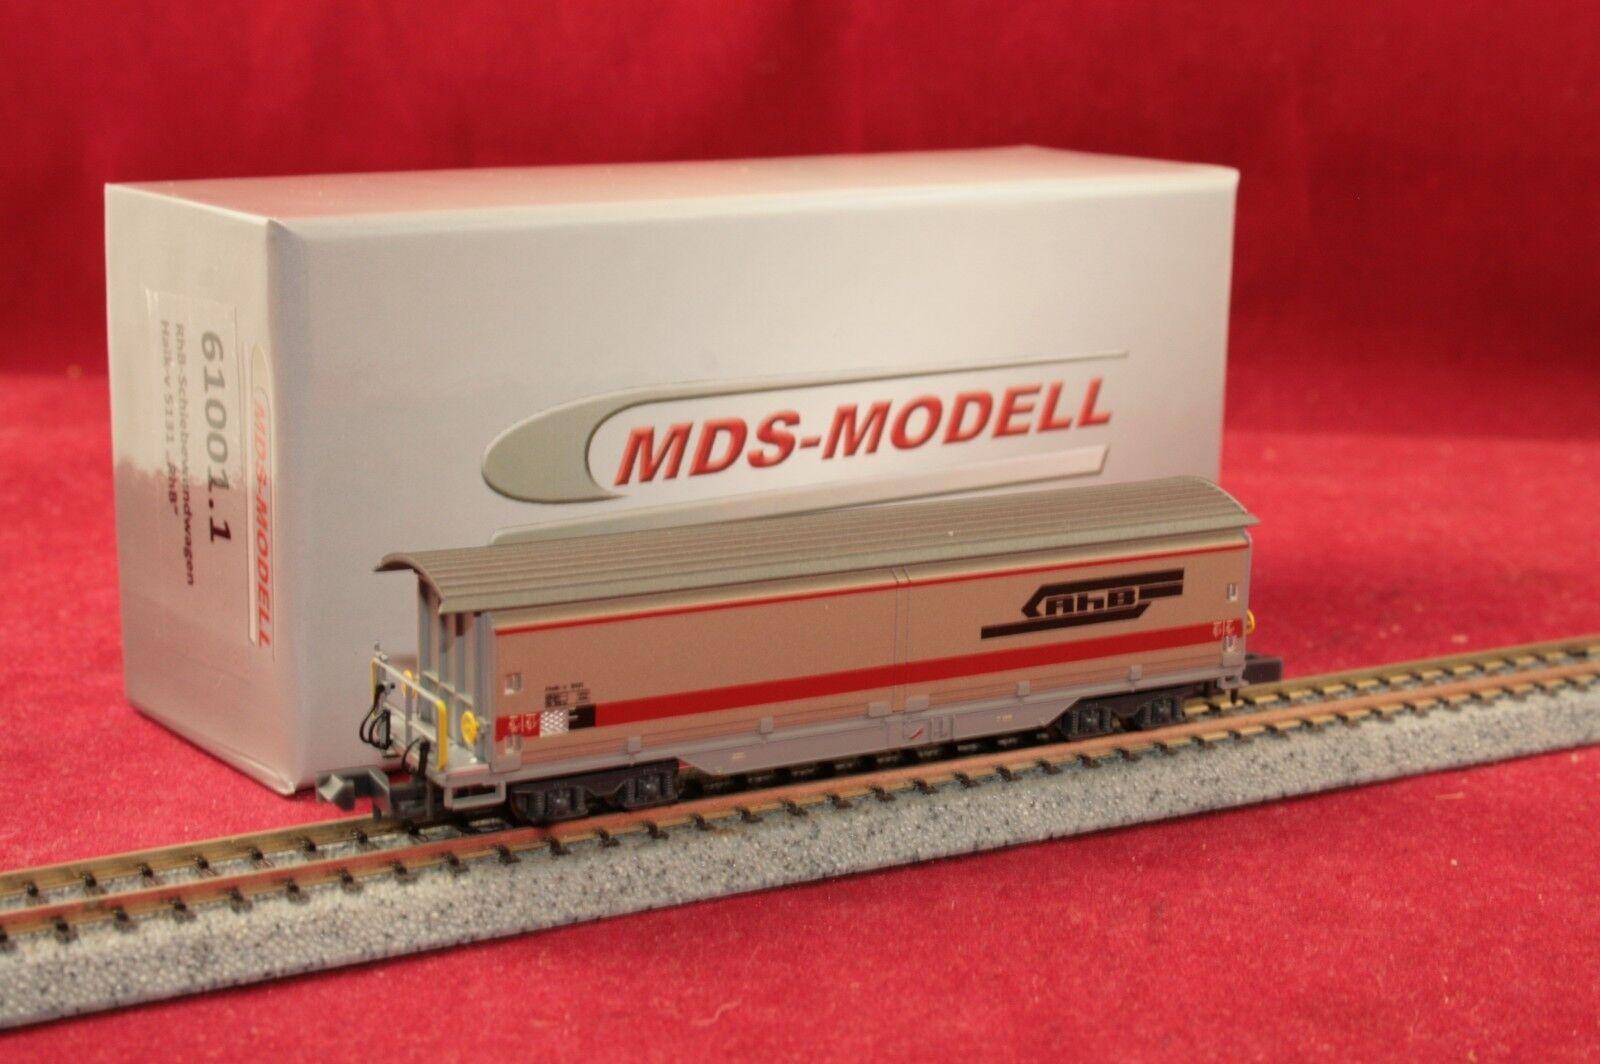 MDS-modello muro 61001-1 RHB muro MDS-modello scorrevoli carrello Haik-v 5131 neu ovp a5db2d